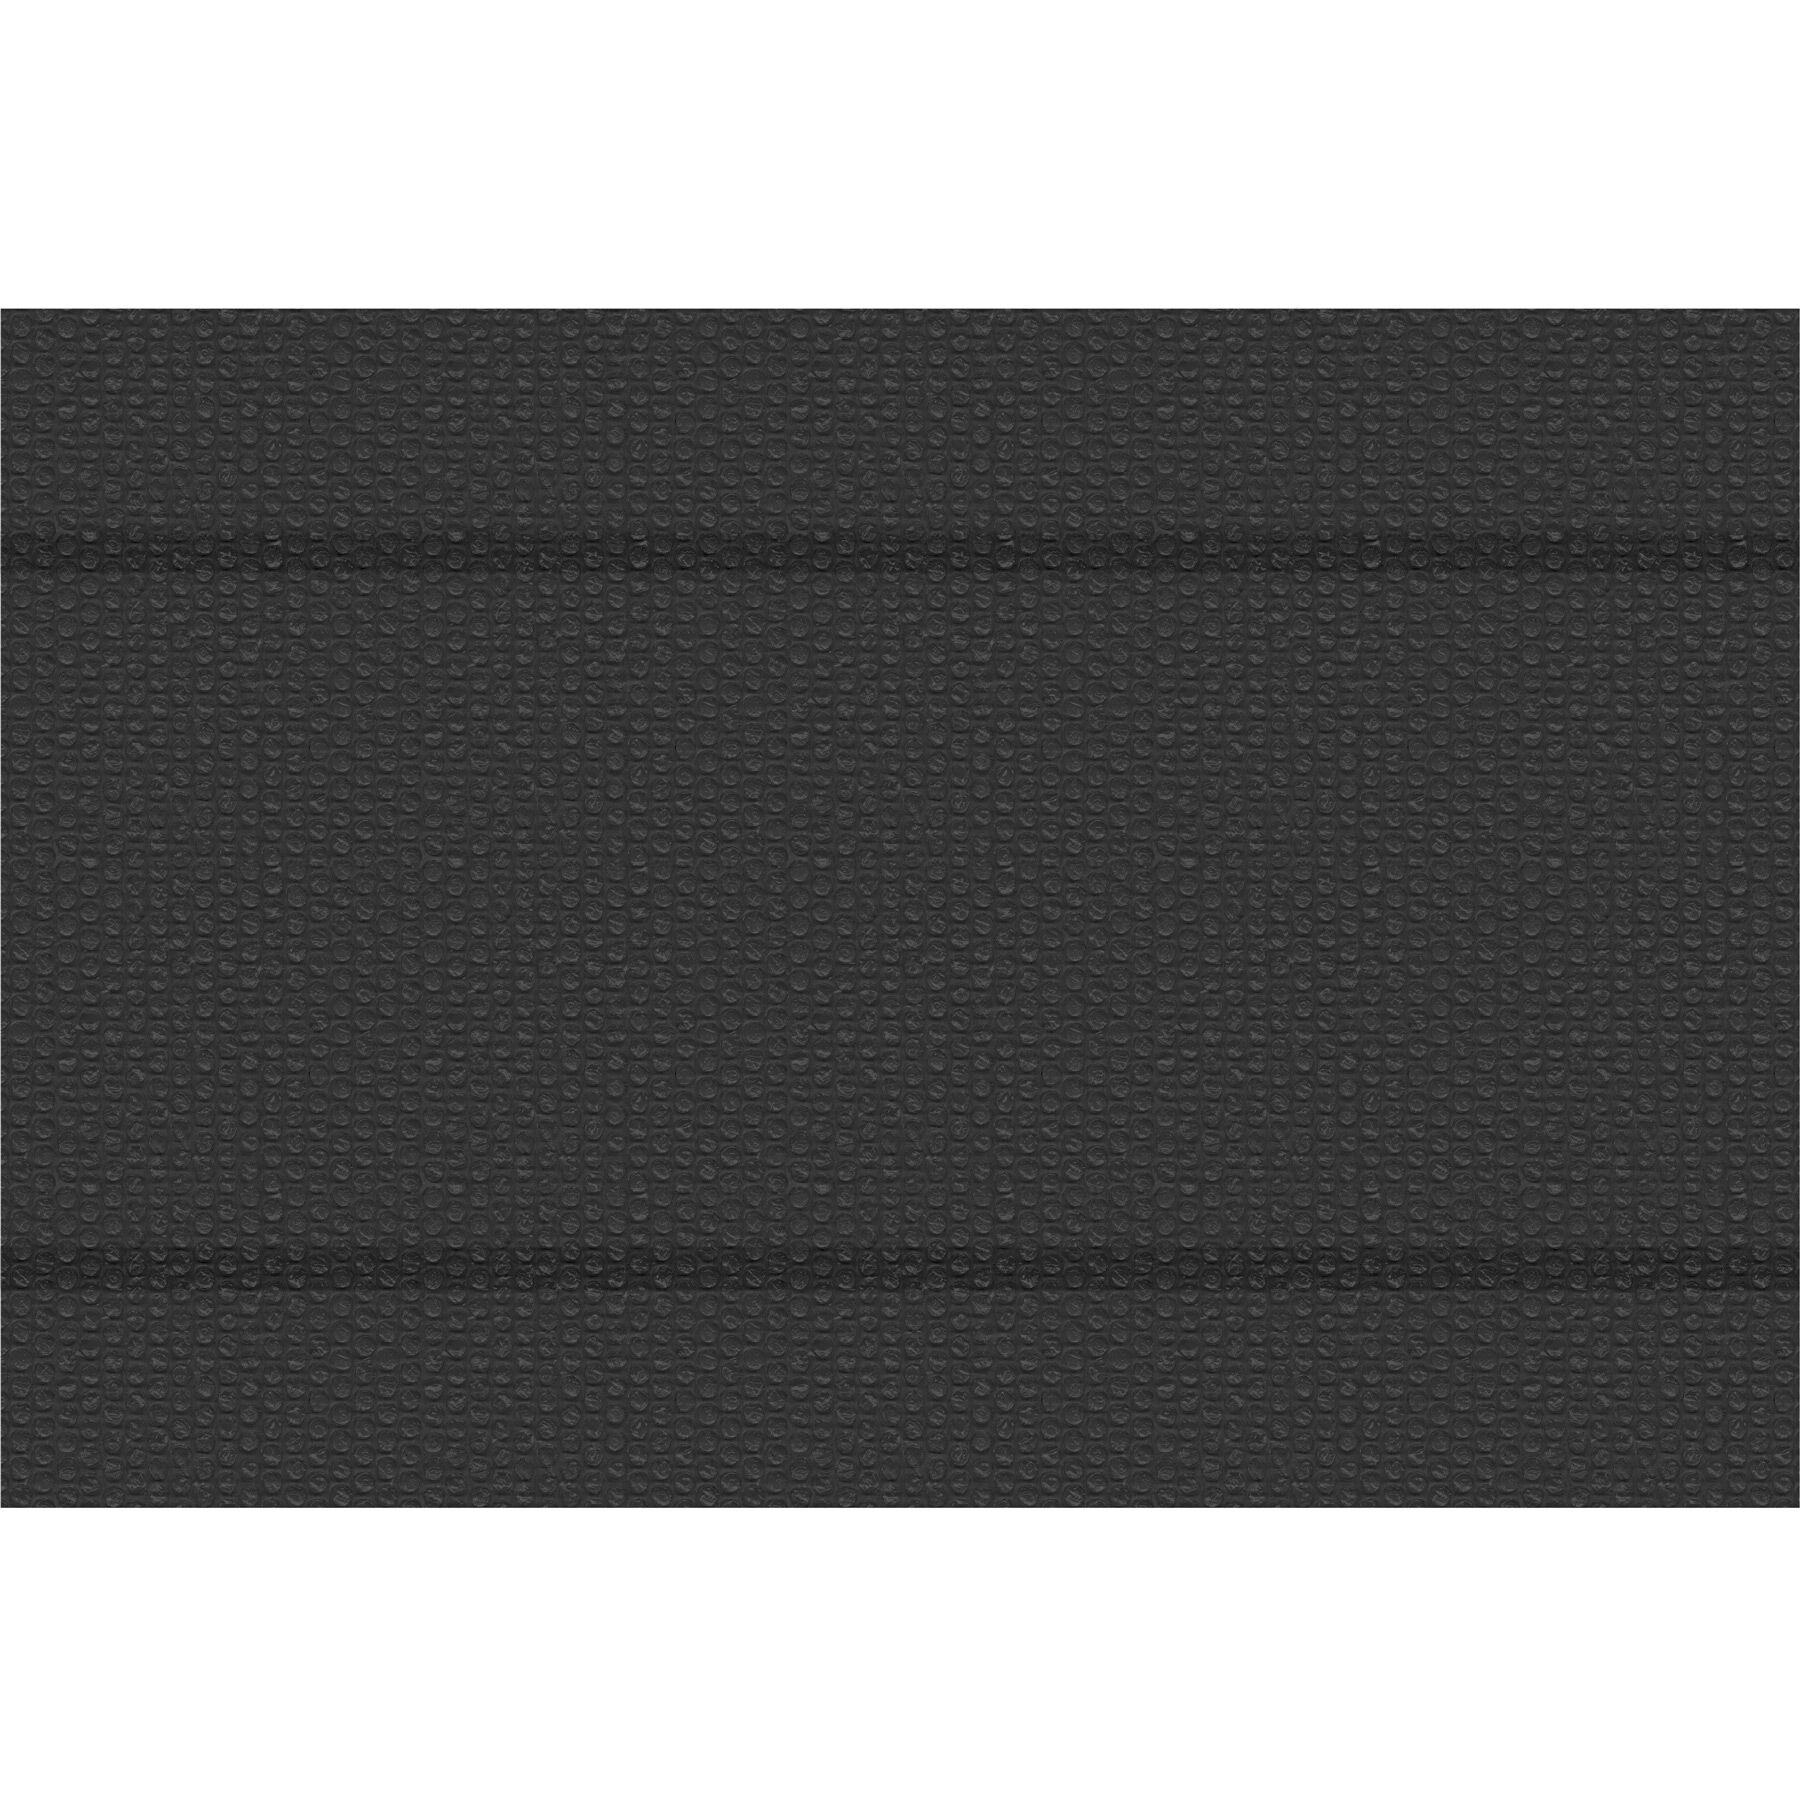 tectake pellicola solare copripiscina nera rettangolare - 400 x 600 cm